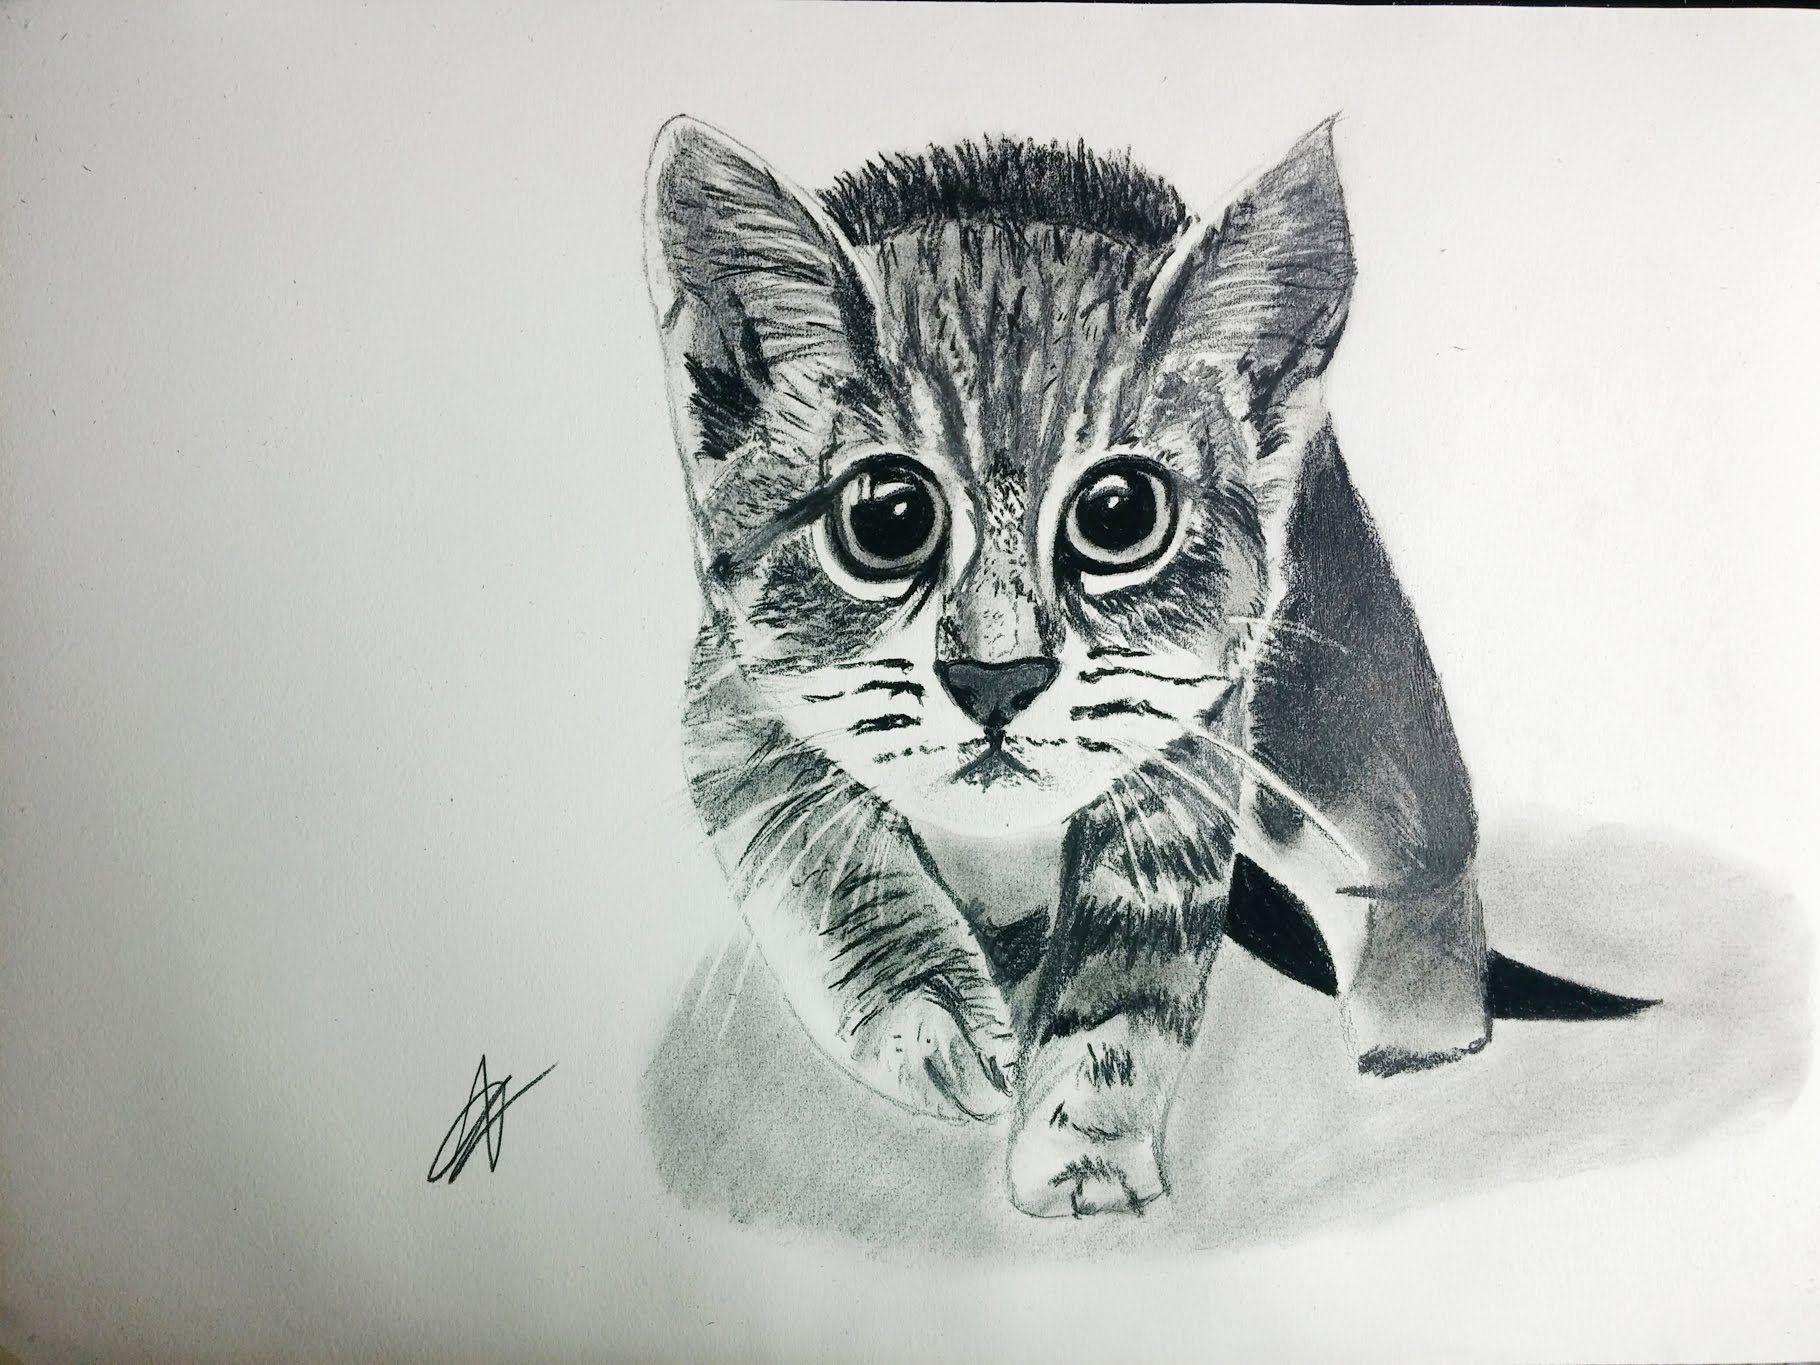 Cómo dibujar un gato realista paso a paso explicado MUY FÁCIL ...